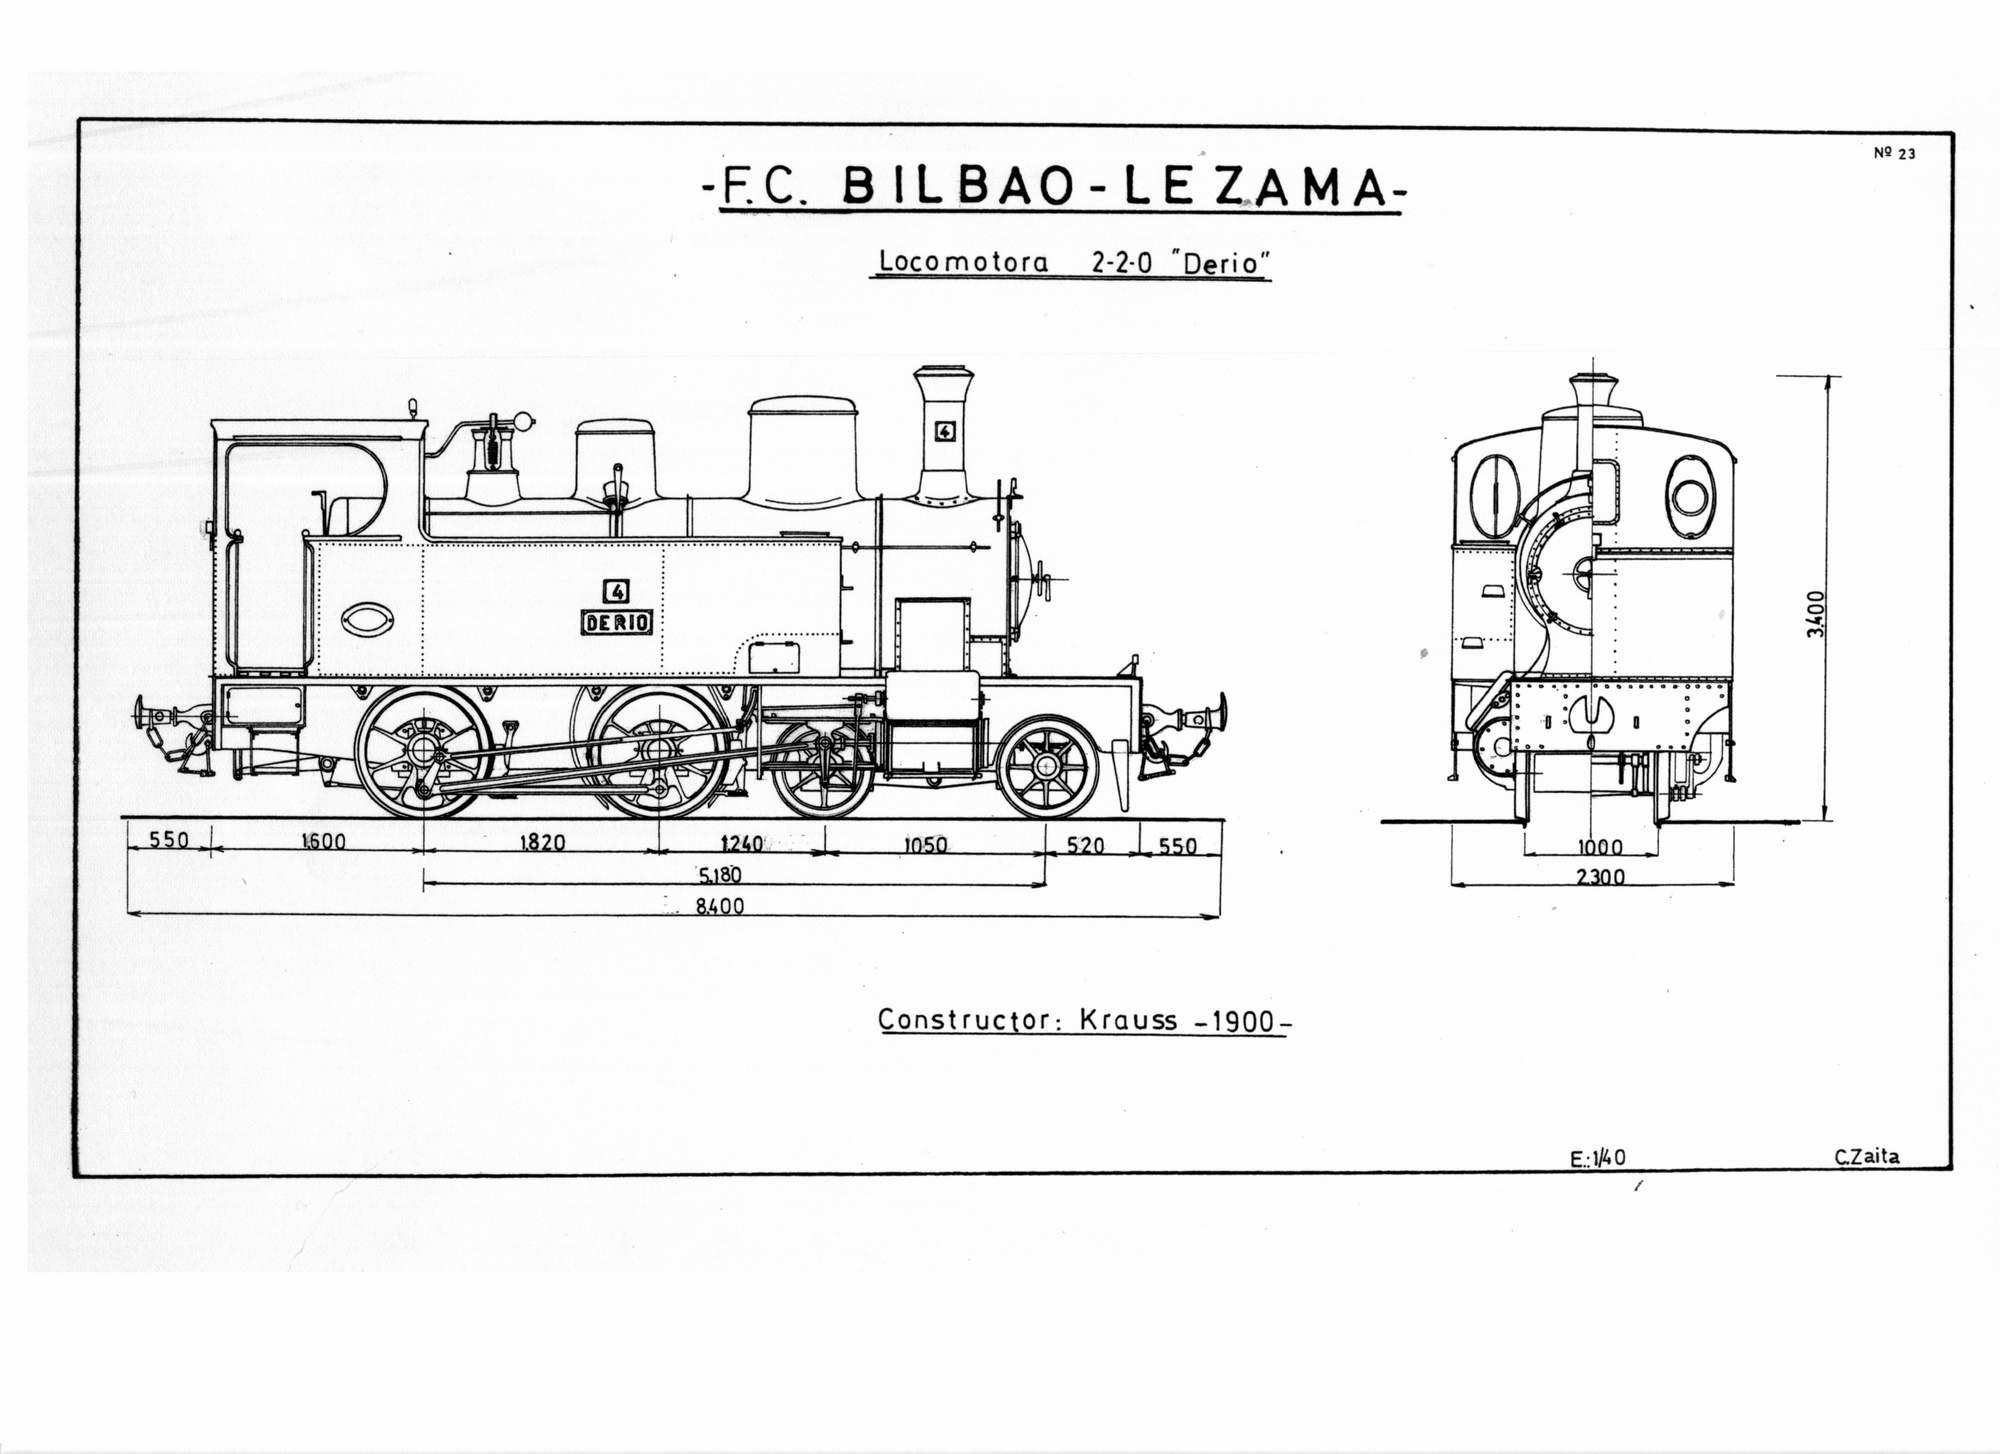 Locomotora, Dibujo Carmelo Zaita